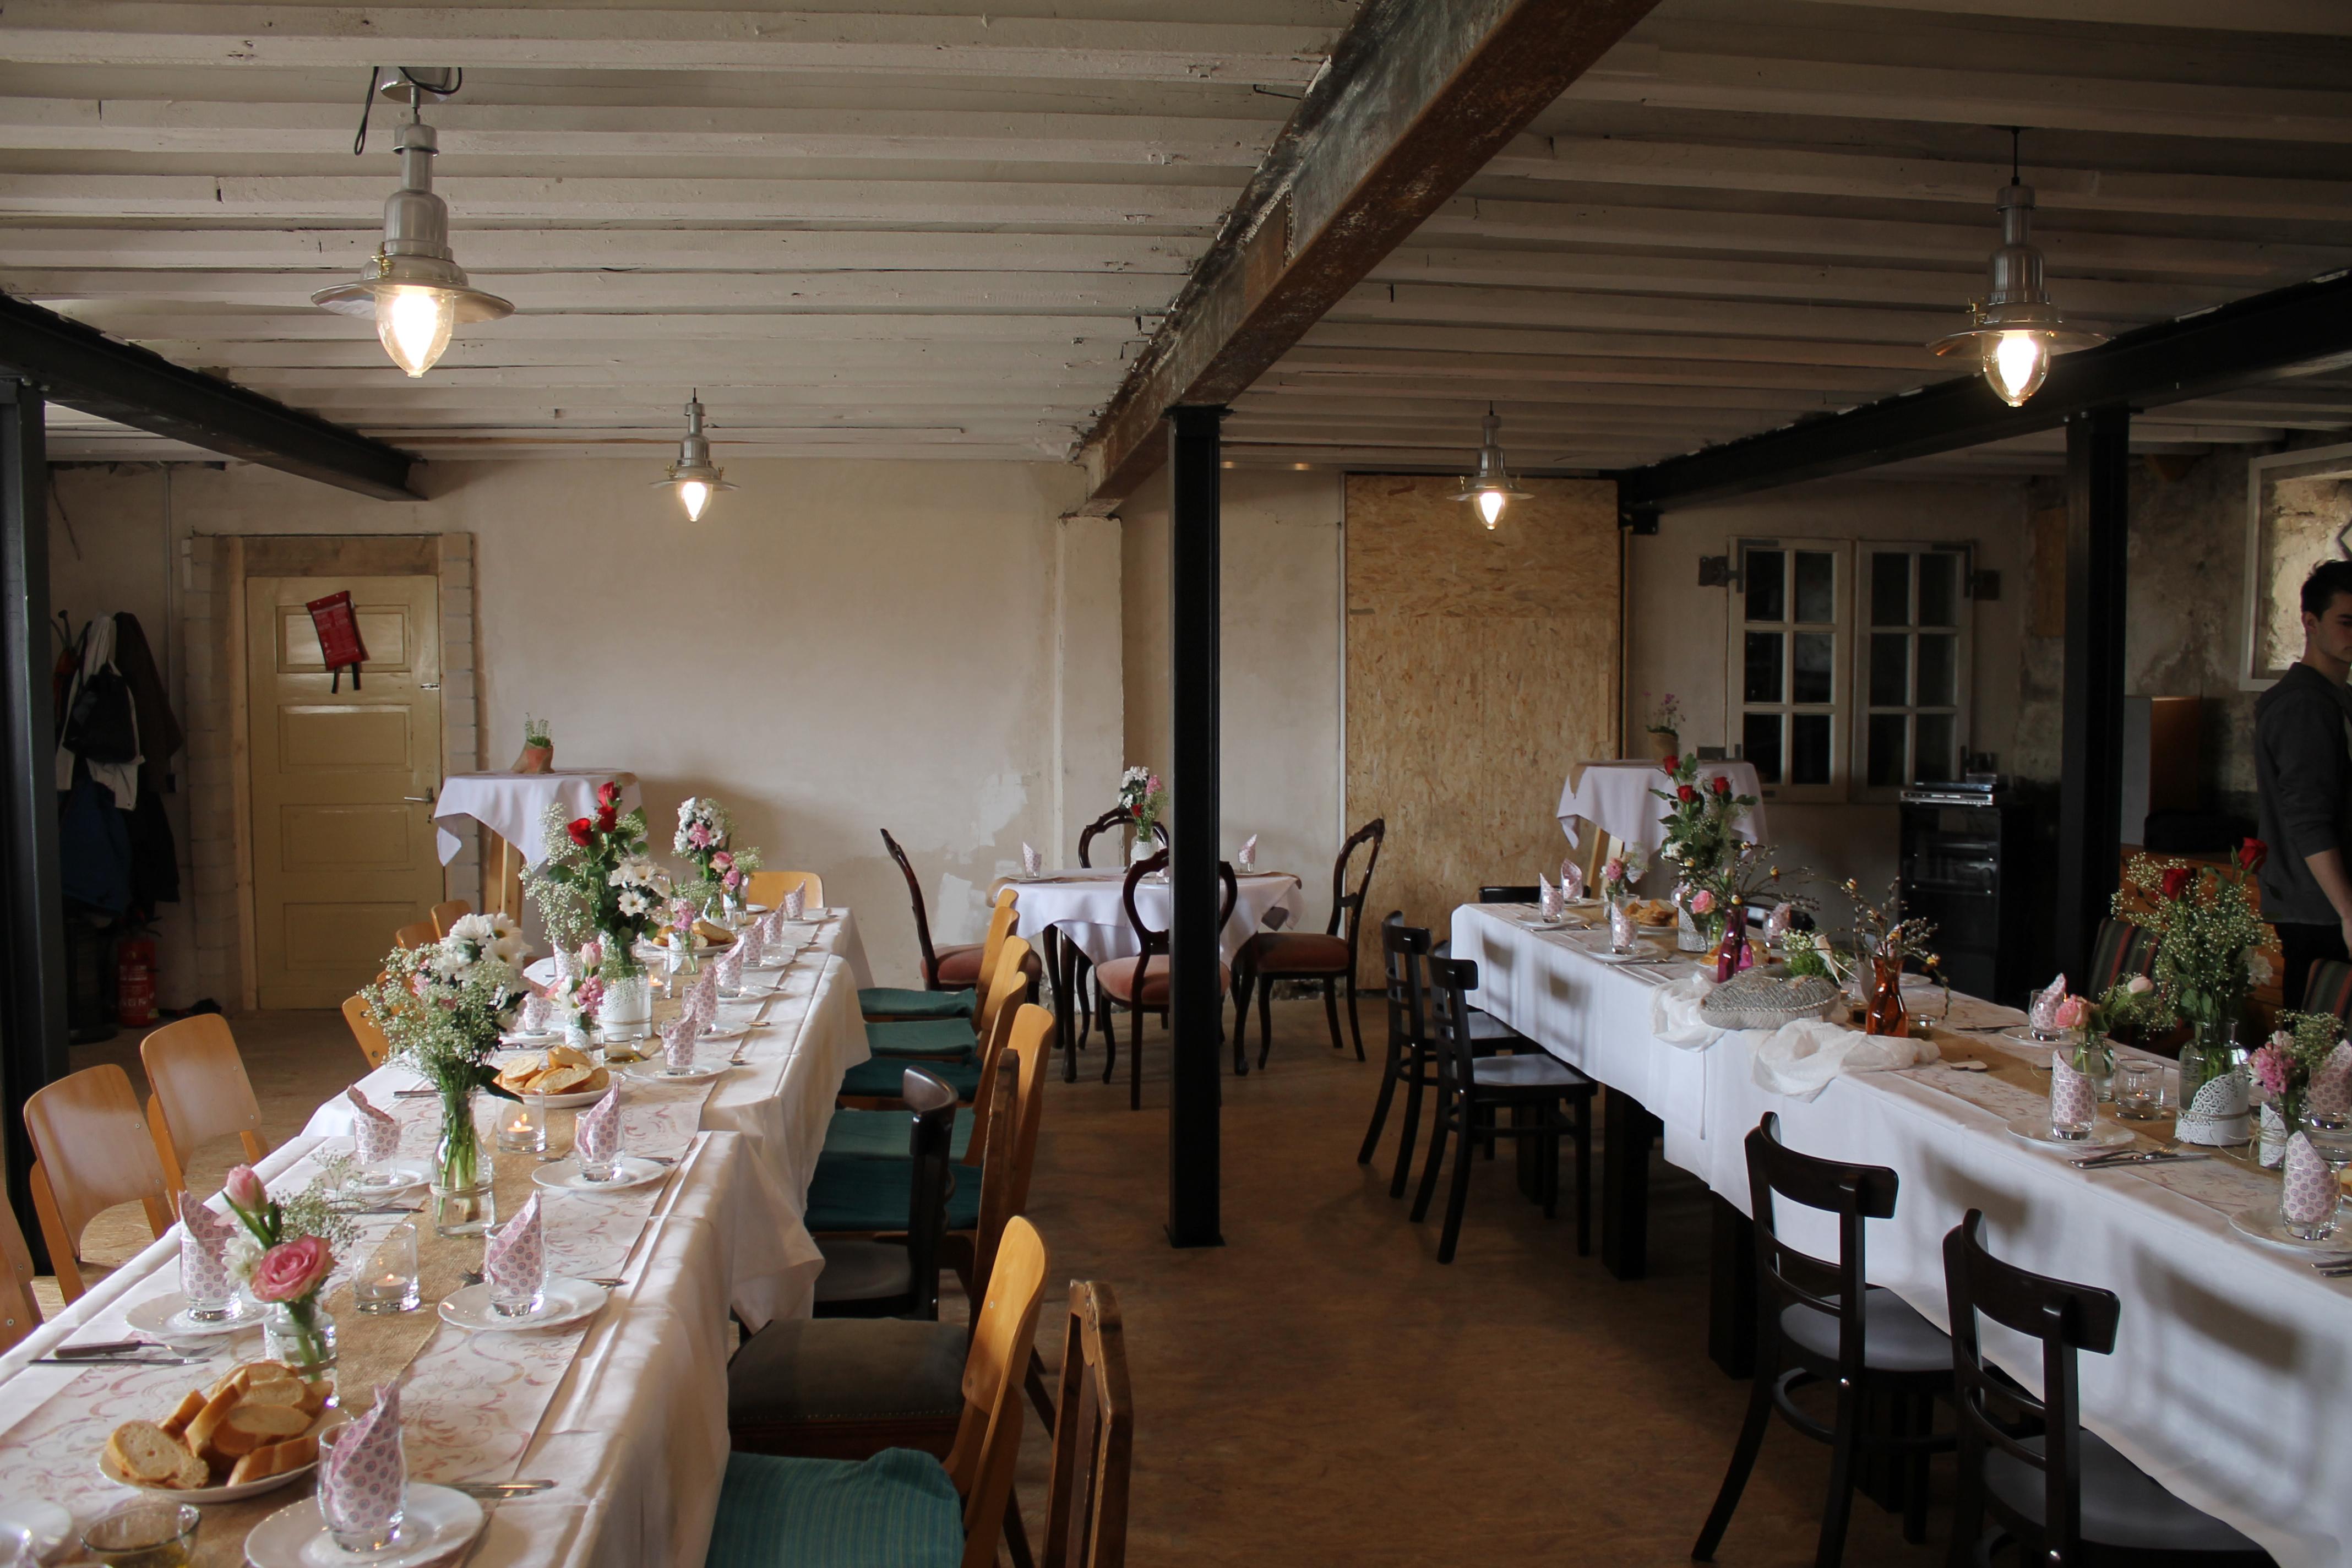 Ferienhaus Ferienwohnung Eifel Monschau private Feier Saal